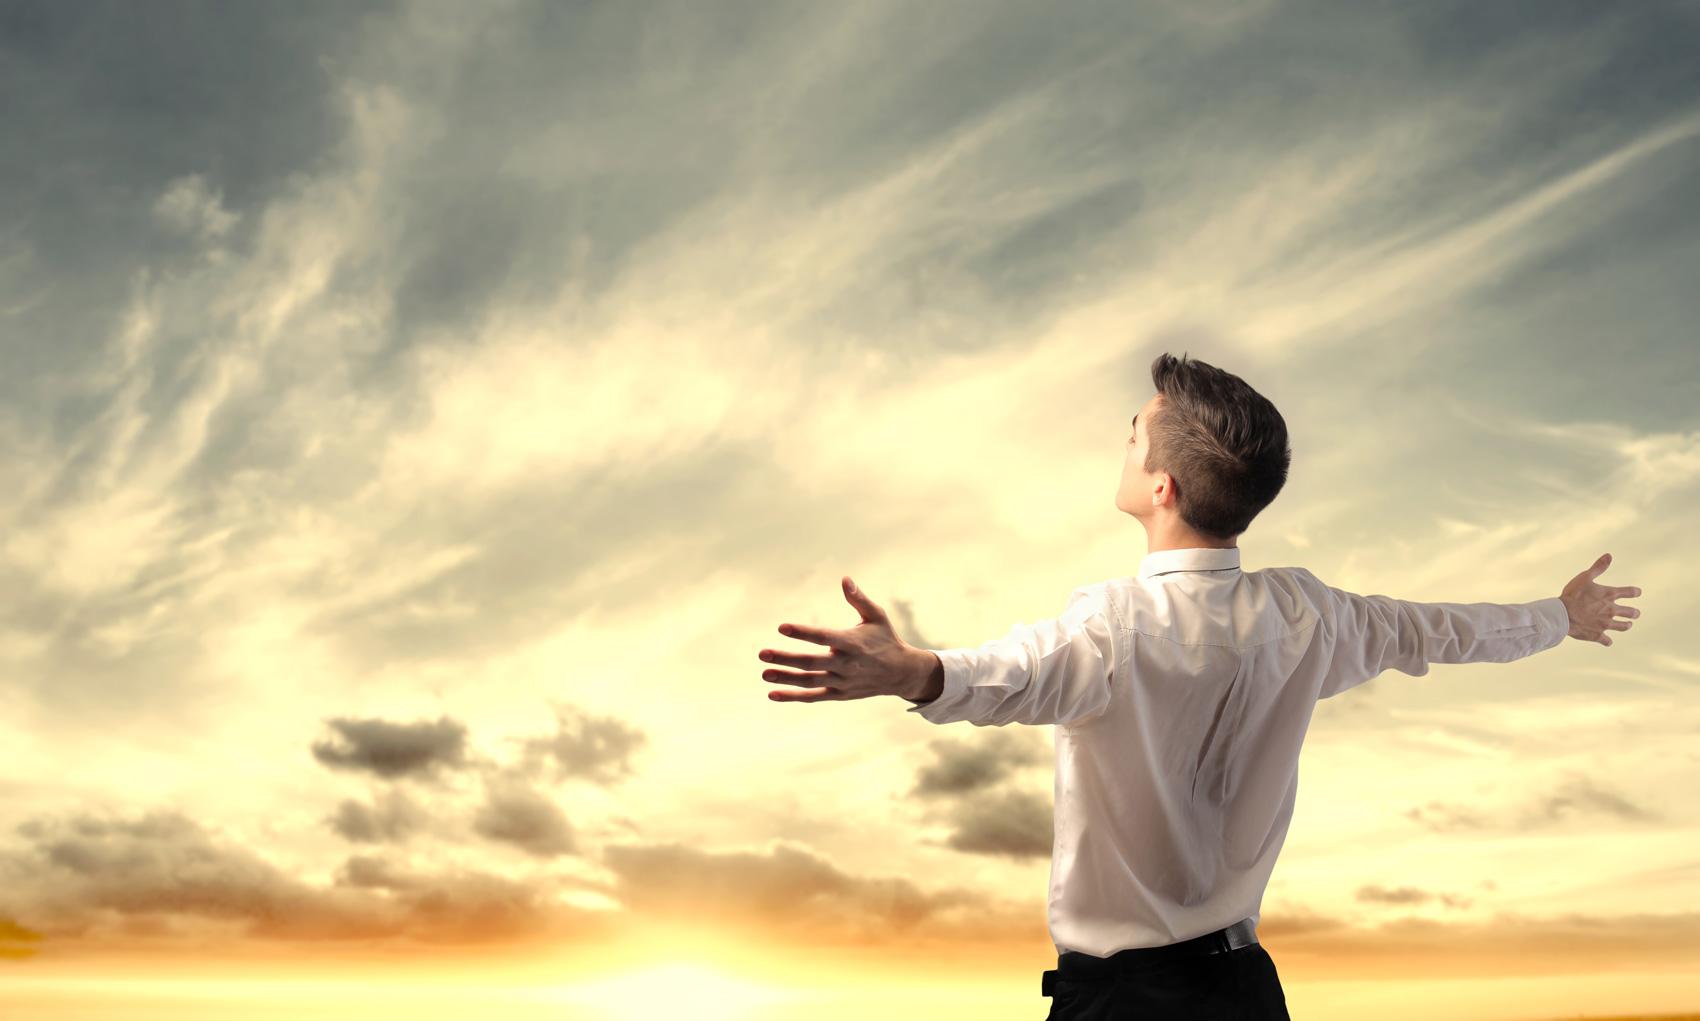 Oggi voglio farti sentire il profumo della libertà, che ti farà sobbalzare il cuore di gioia!